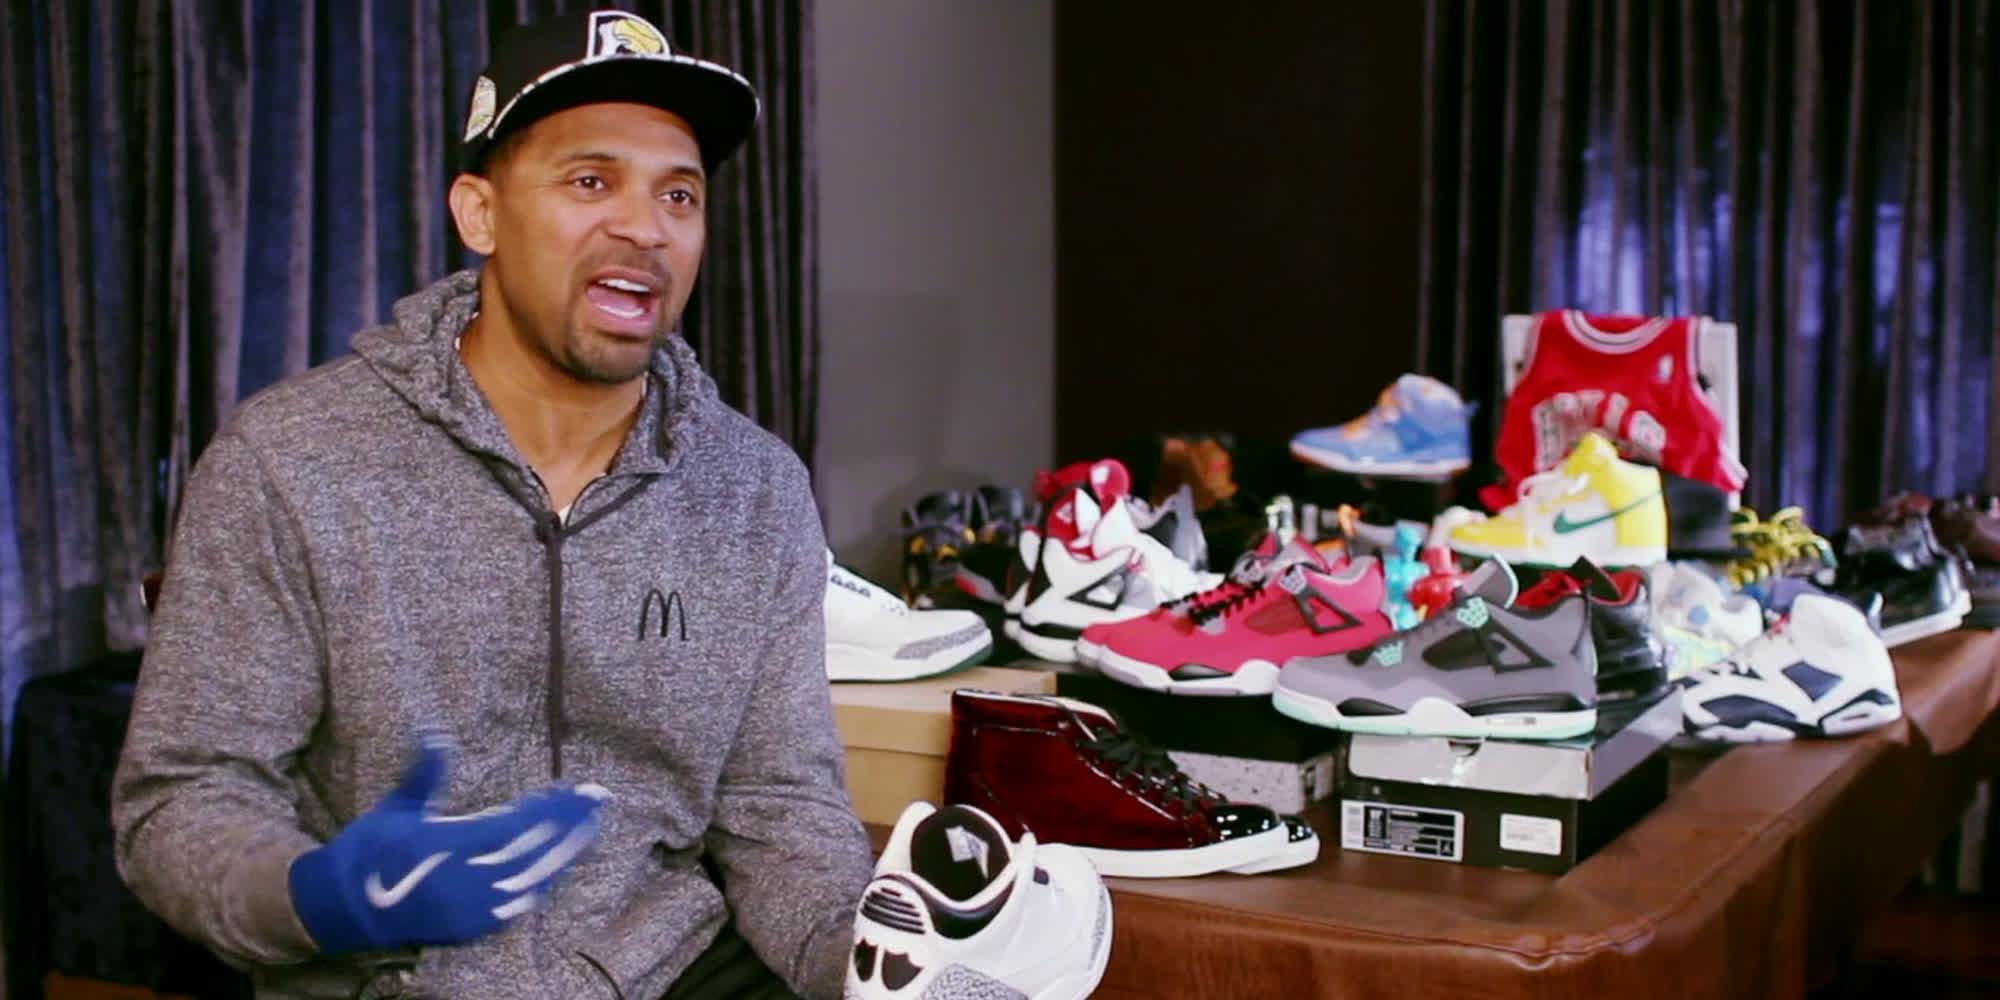 Utsnitt fra filmen Sneakerheadz.